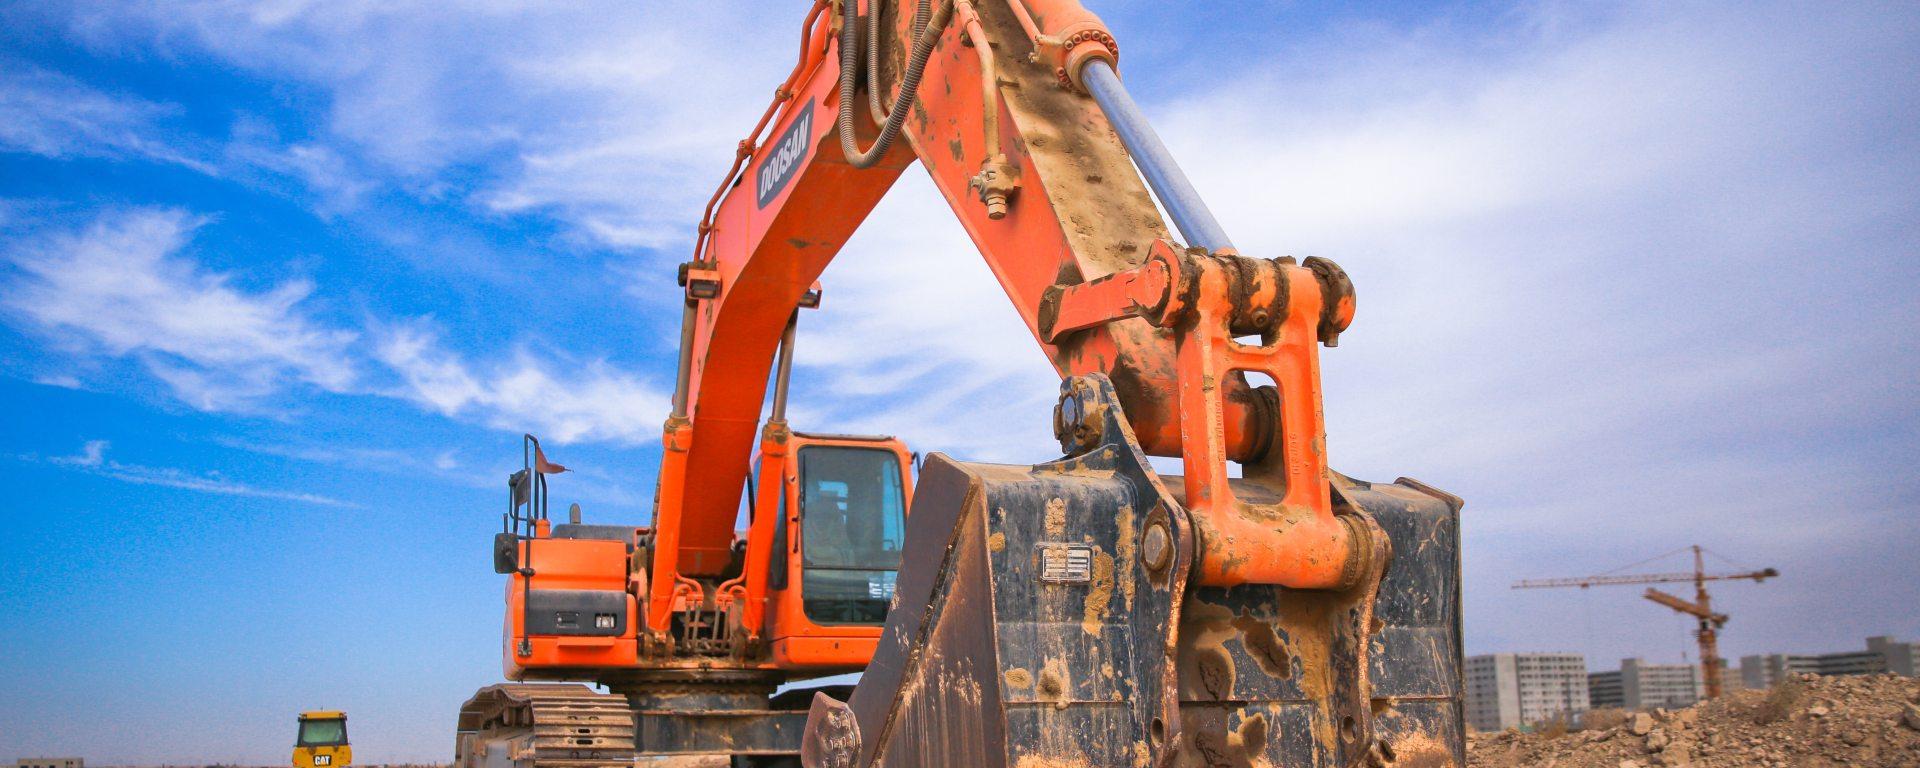 Orange Excavator in the beach